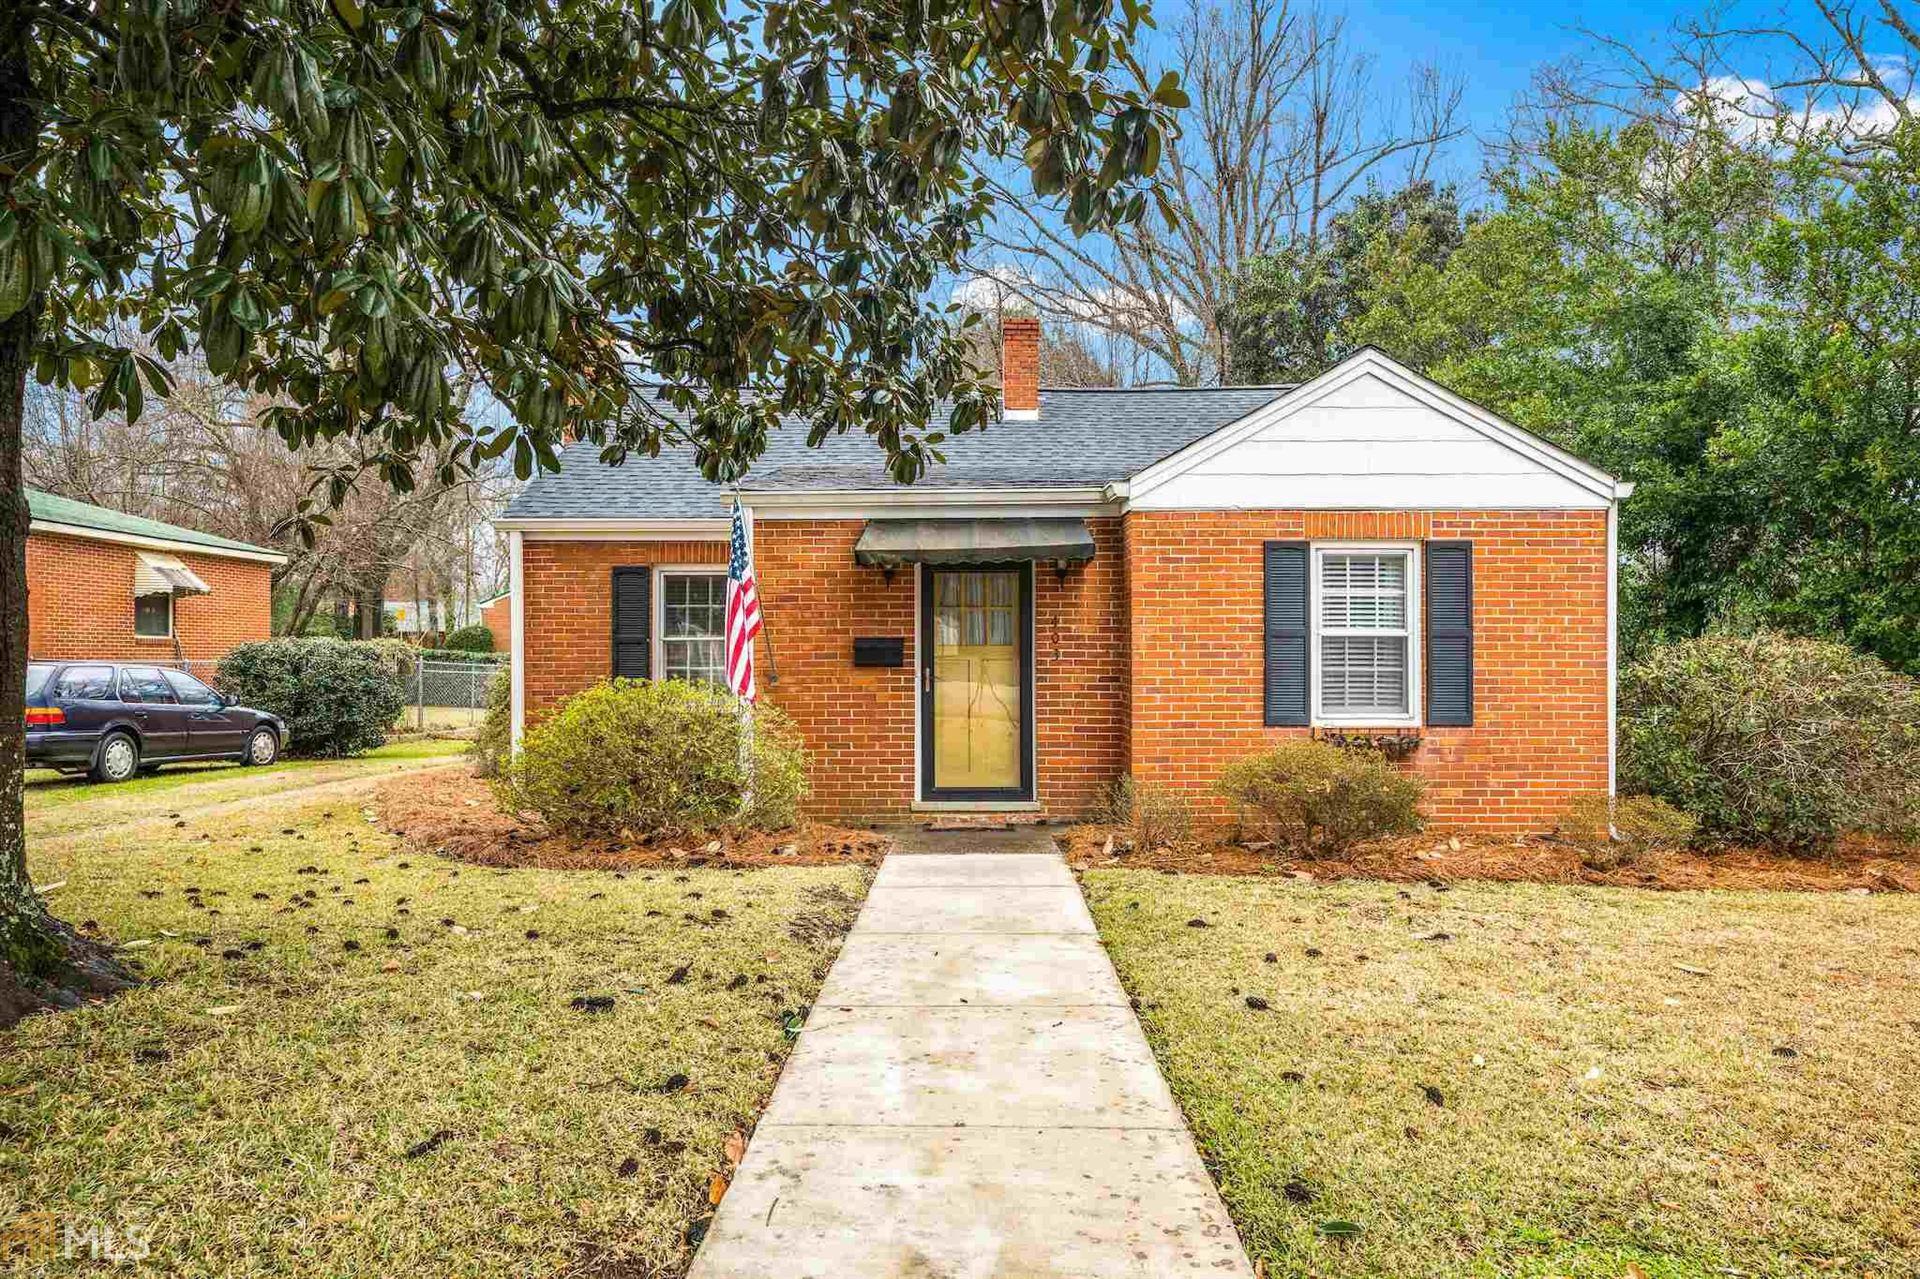 Photo of 403 N Harris St, Sandersville, GA 31082 (MLS # 8891698)